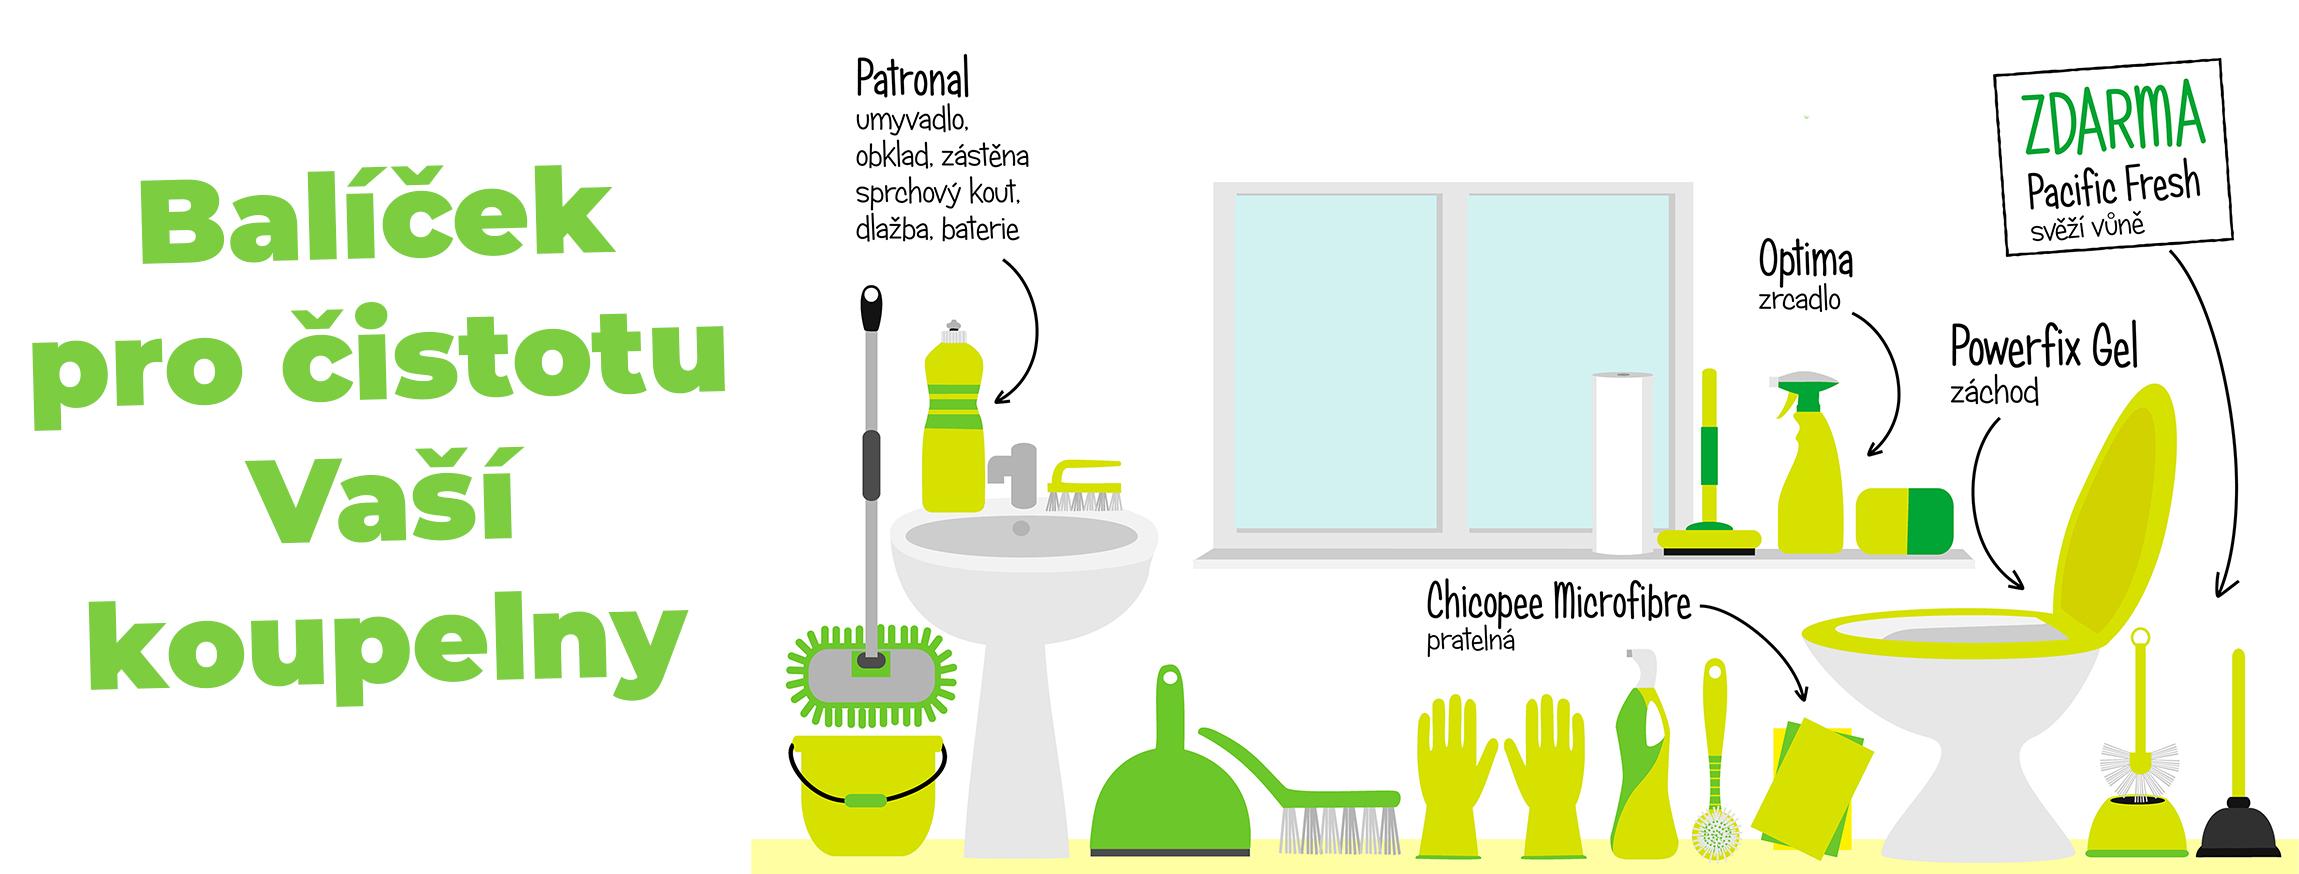 Balíček pro čistotu Vaší koupelny